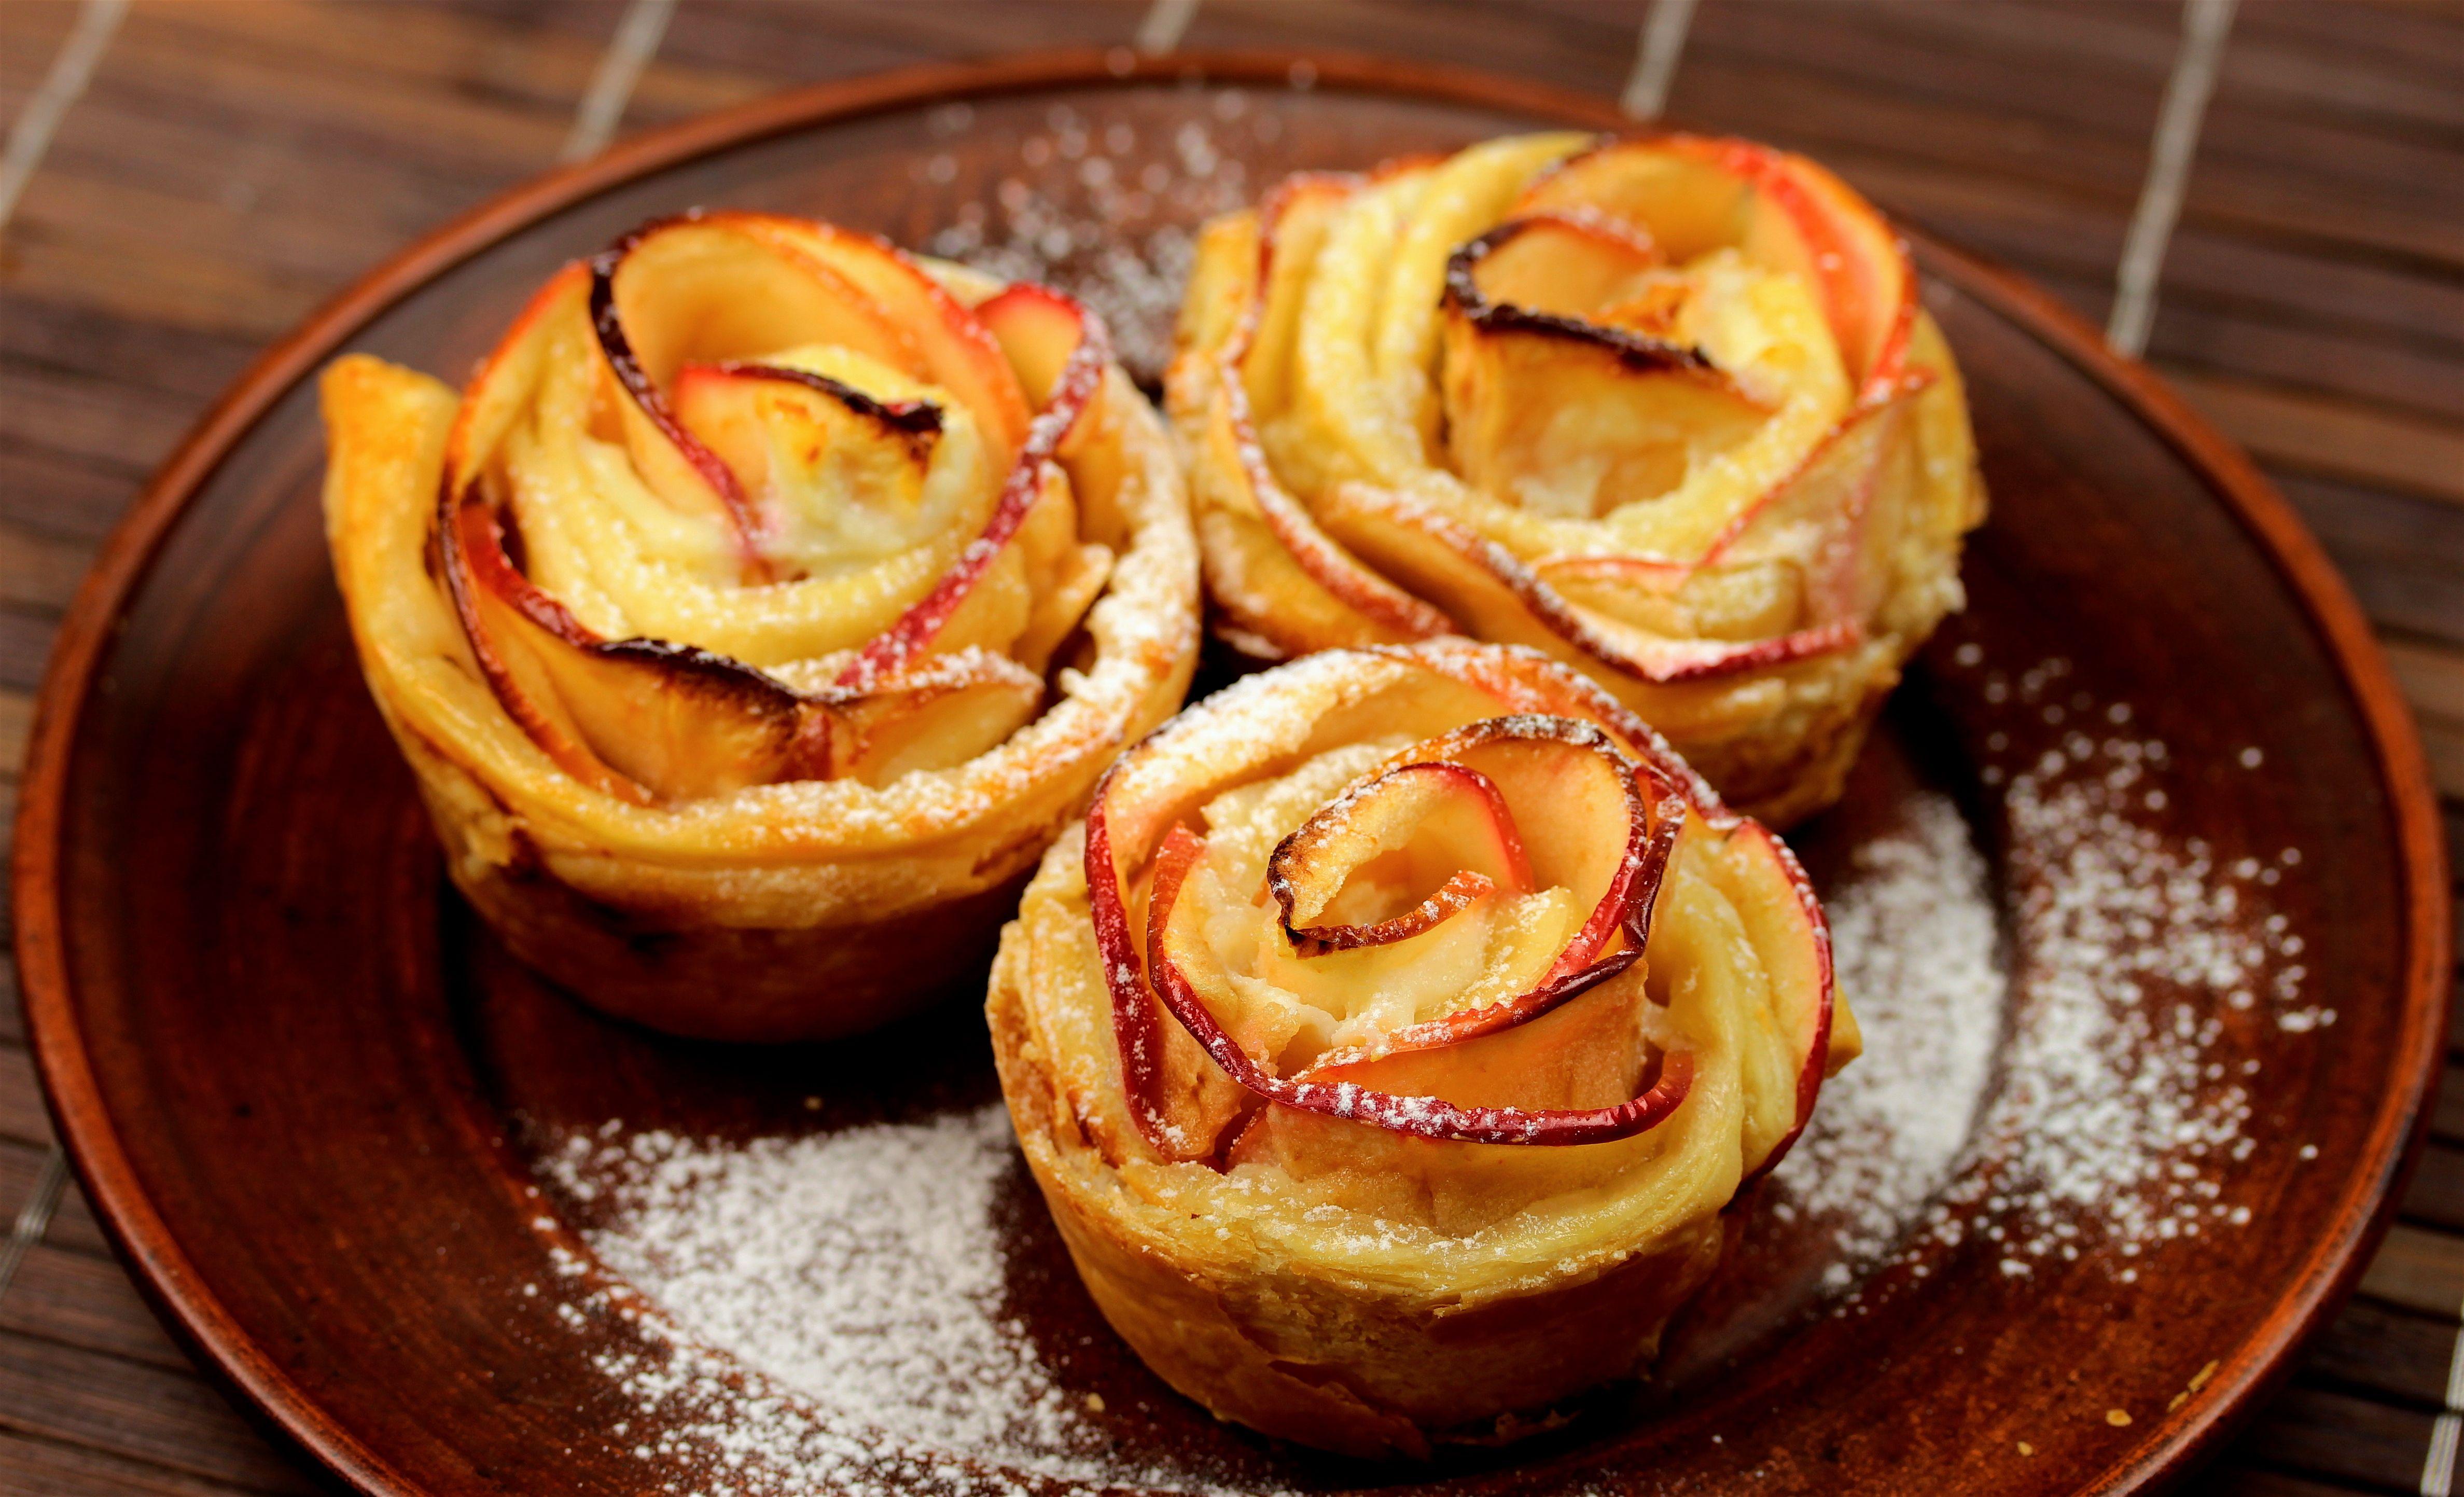 Torta de maçã e massa folhada  https://www.facebook.com/perfeito.guru/videos/455578811302327/